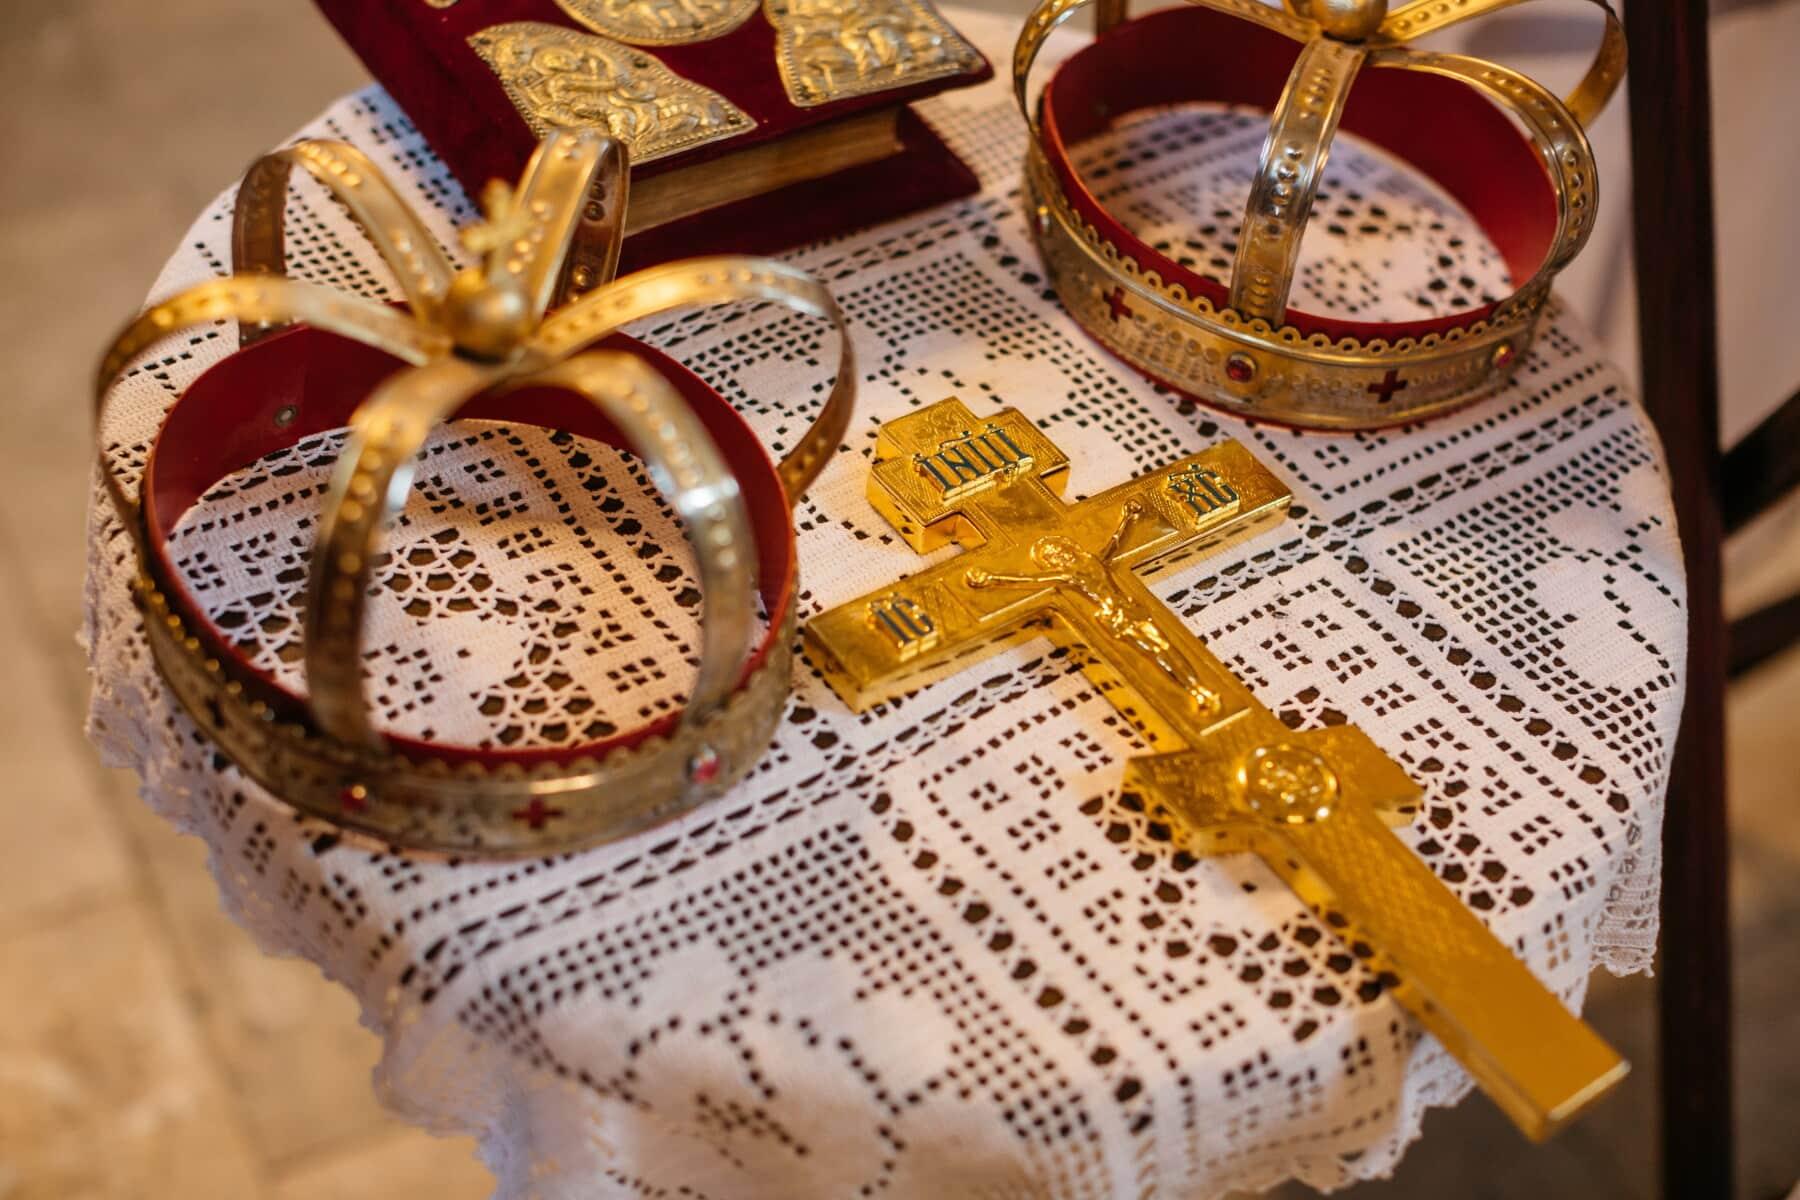 cross, gold, christianity, expensive, Christ, resurrection, crown, coronation, baptism, christmas